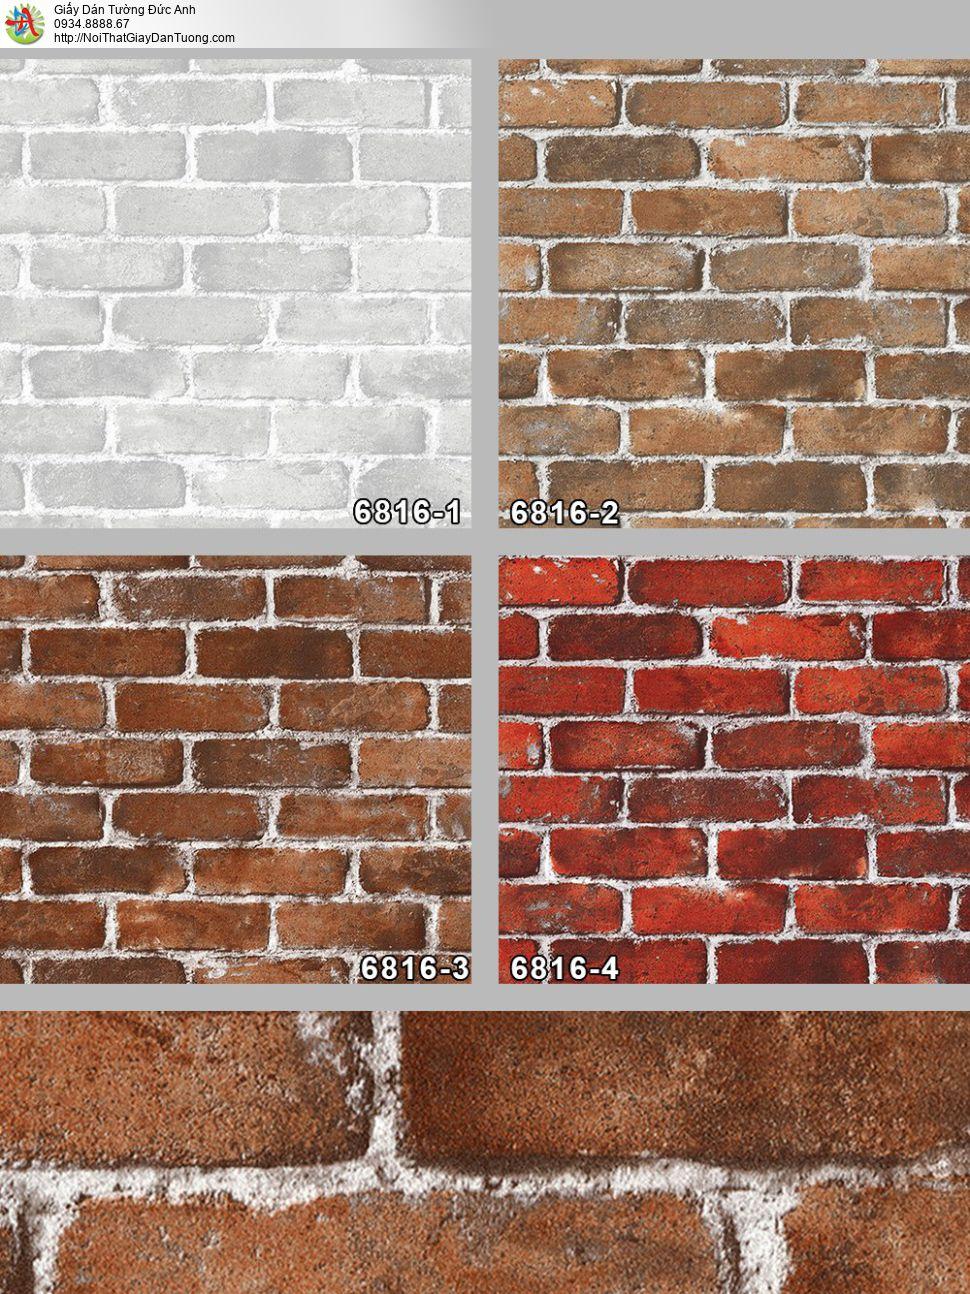 Albany 6816-2, Giấy dán tường giả gạch 3D màu nâu đỏ